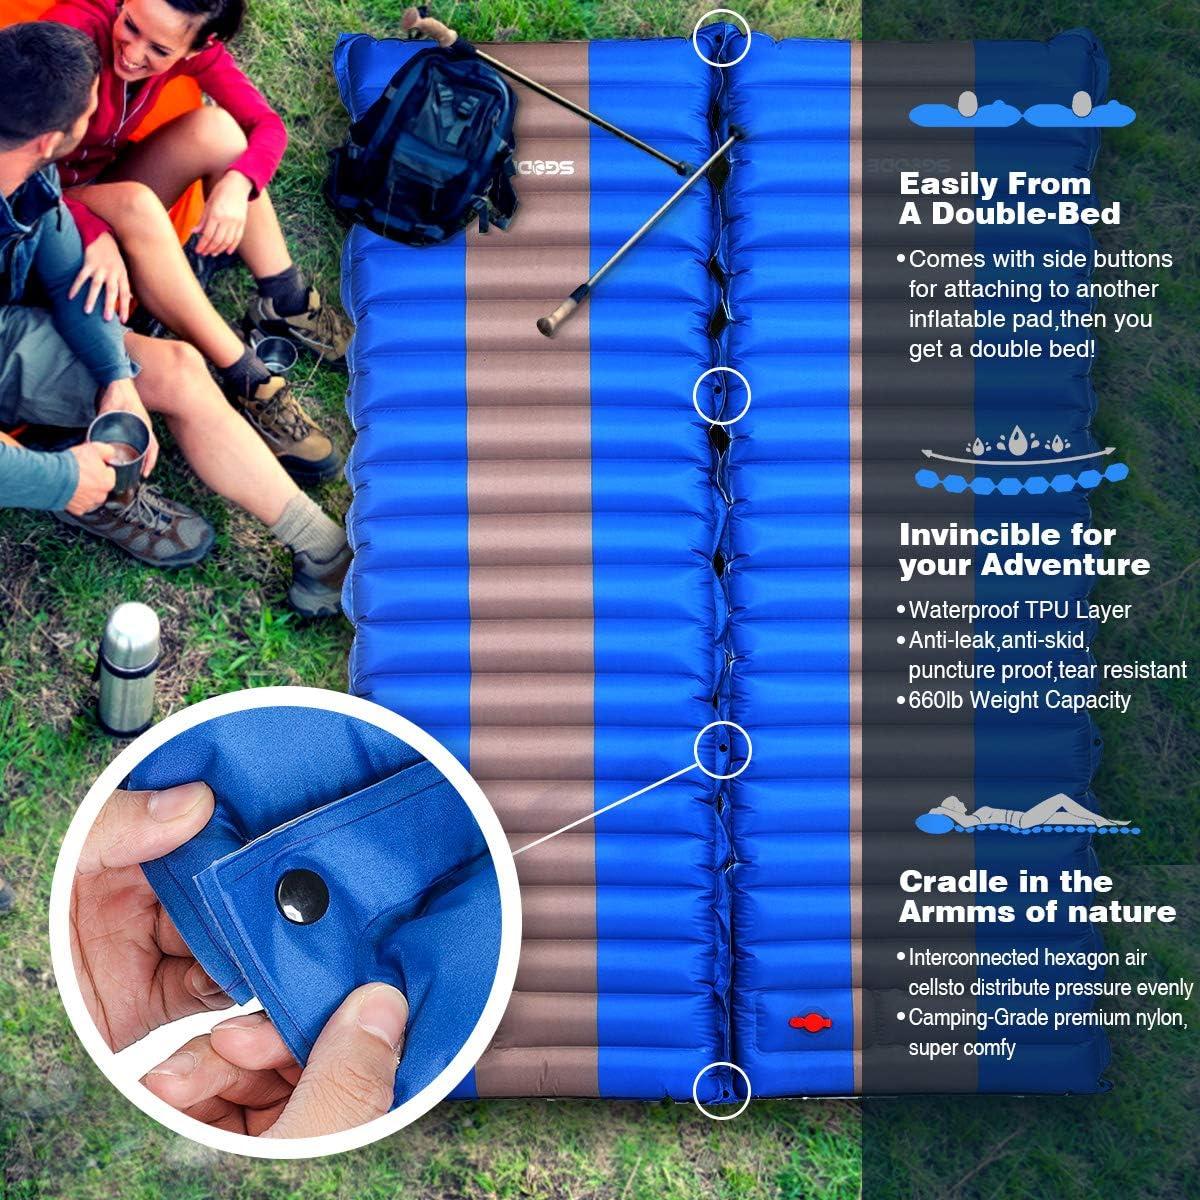 SGODDE Isomatte Camping Selbstaufblasbare,Handpresse Aufblasbare,leichte Rucksackmatte f/ür Wanderungen zum Wandern auf Reisen,langlebige wasserdichte Luftmatratze kompakte Wandermatte